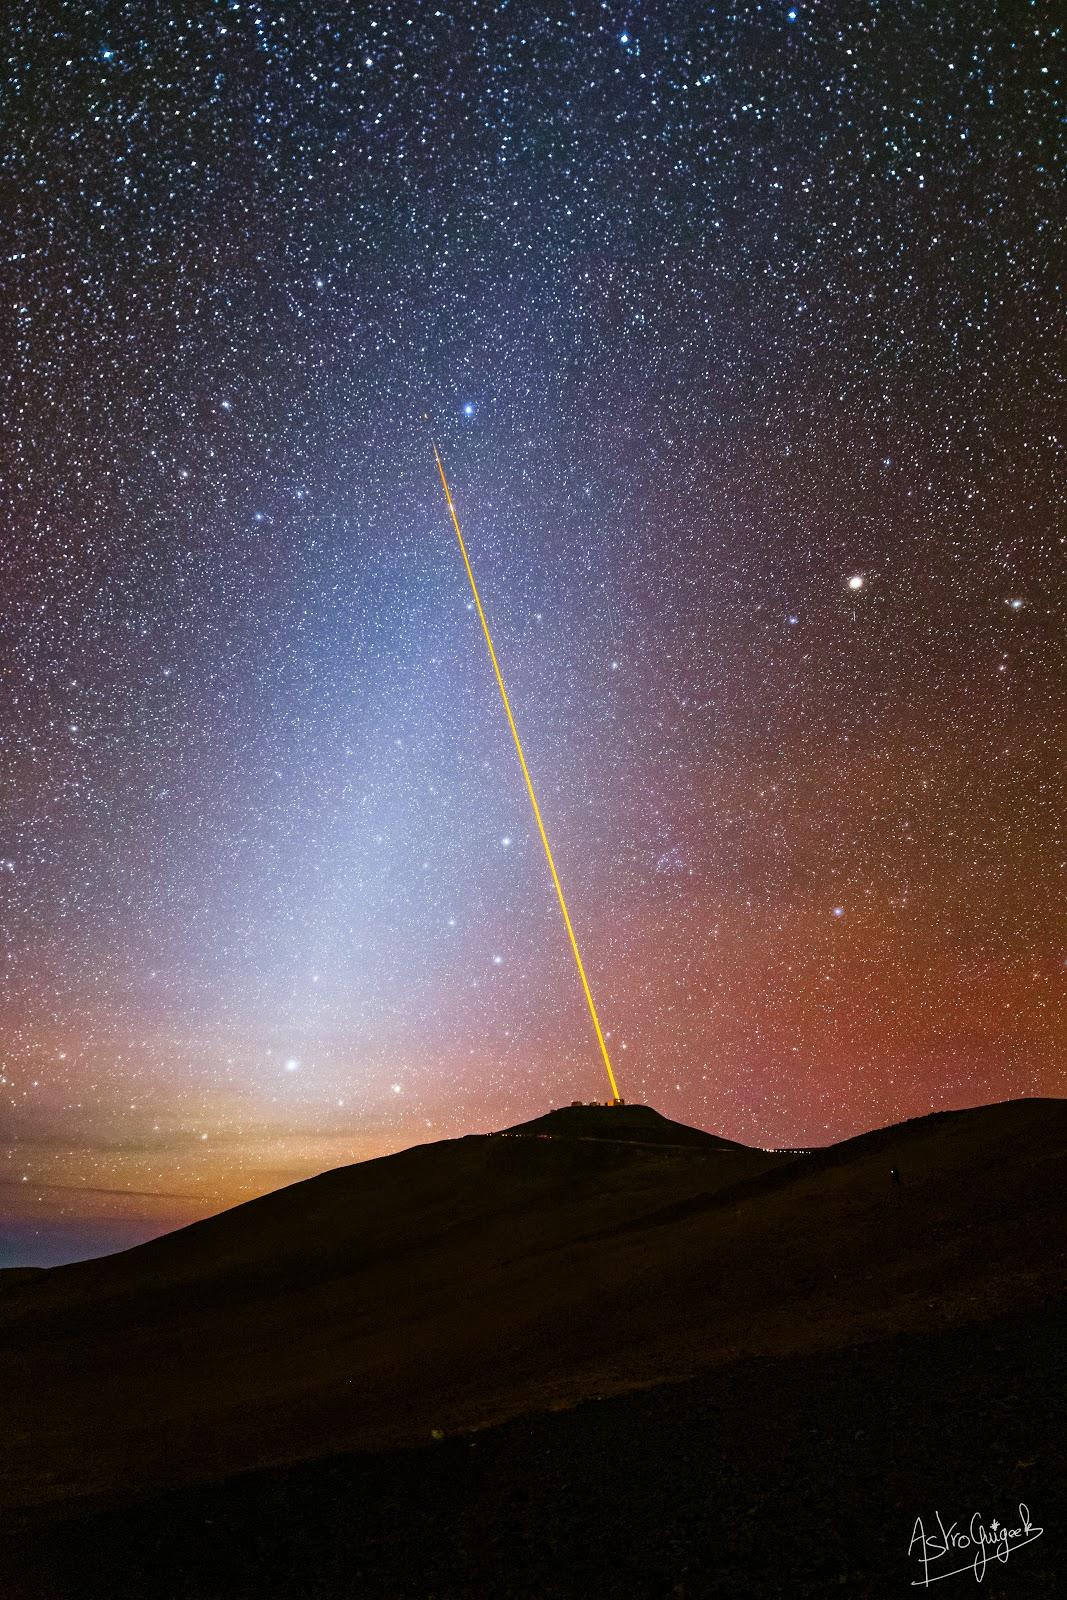 Les Lasers du Very Large Telescope dans le Ciel de l'Atacama